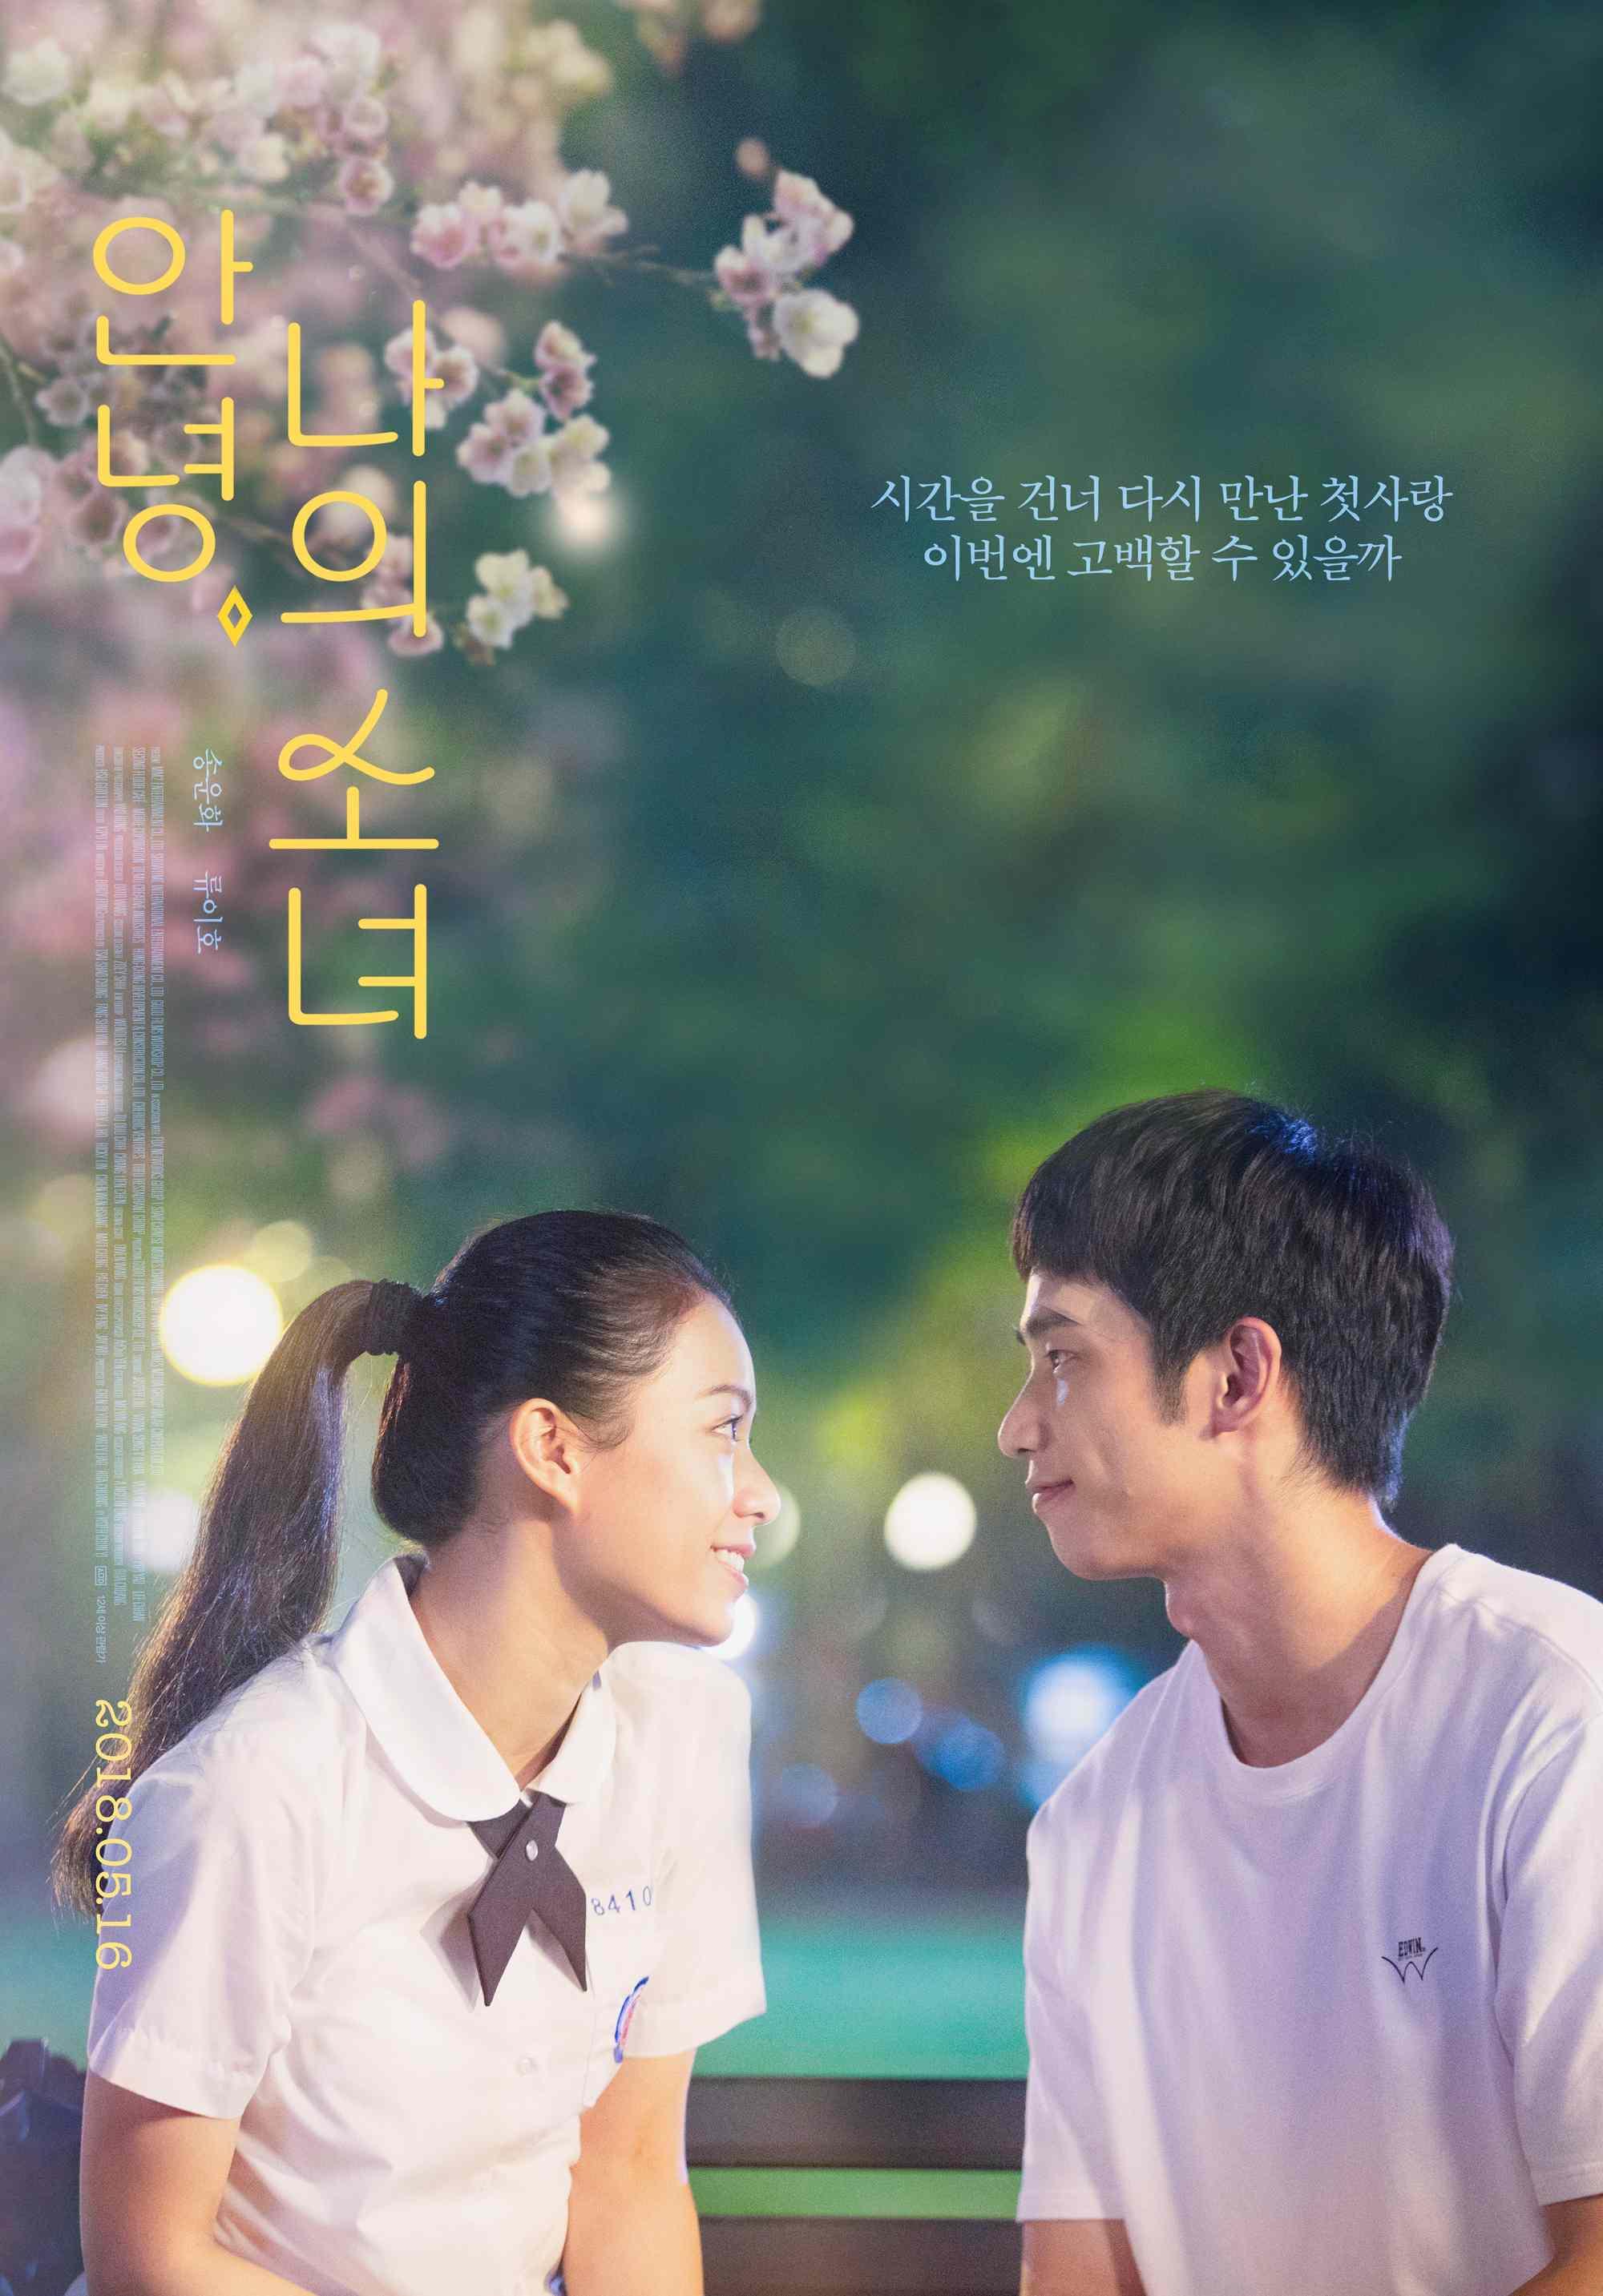 校園純愛電影《帶我去月球》(韓文:안녕 나의 소녀) 在5月16日上映,5月21日單日就有11,183名觀眾,登上票房第六位,在上映一個星期內突破了六萬名的觀看人數。